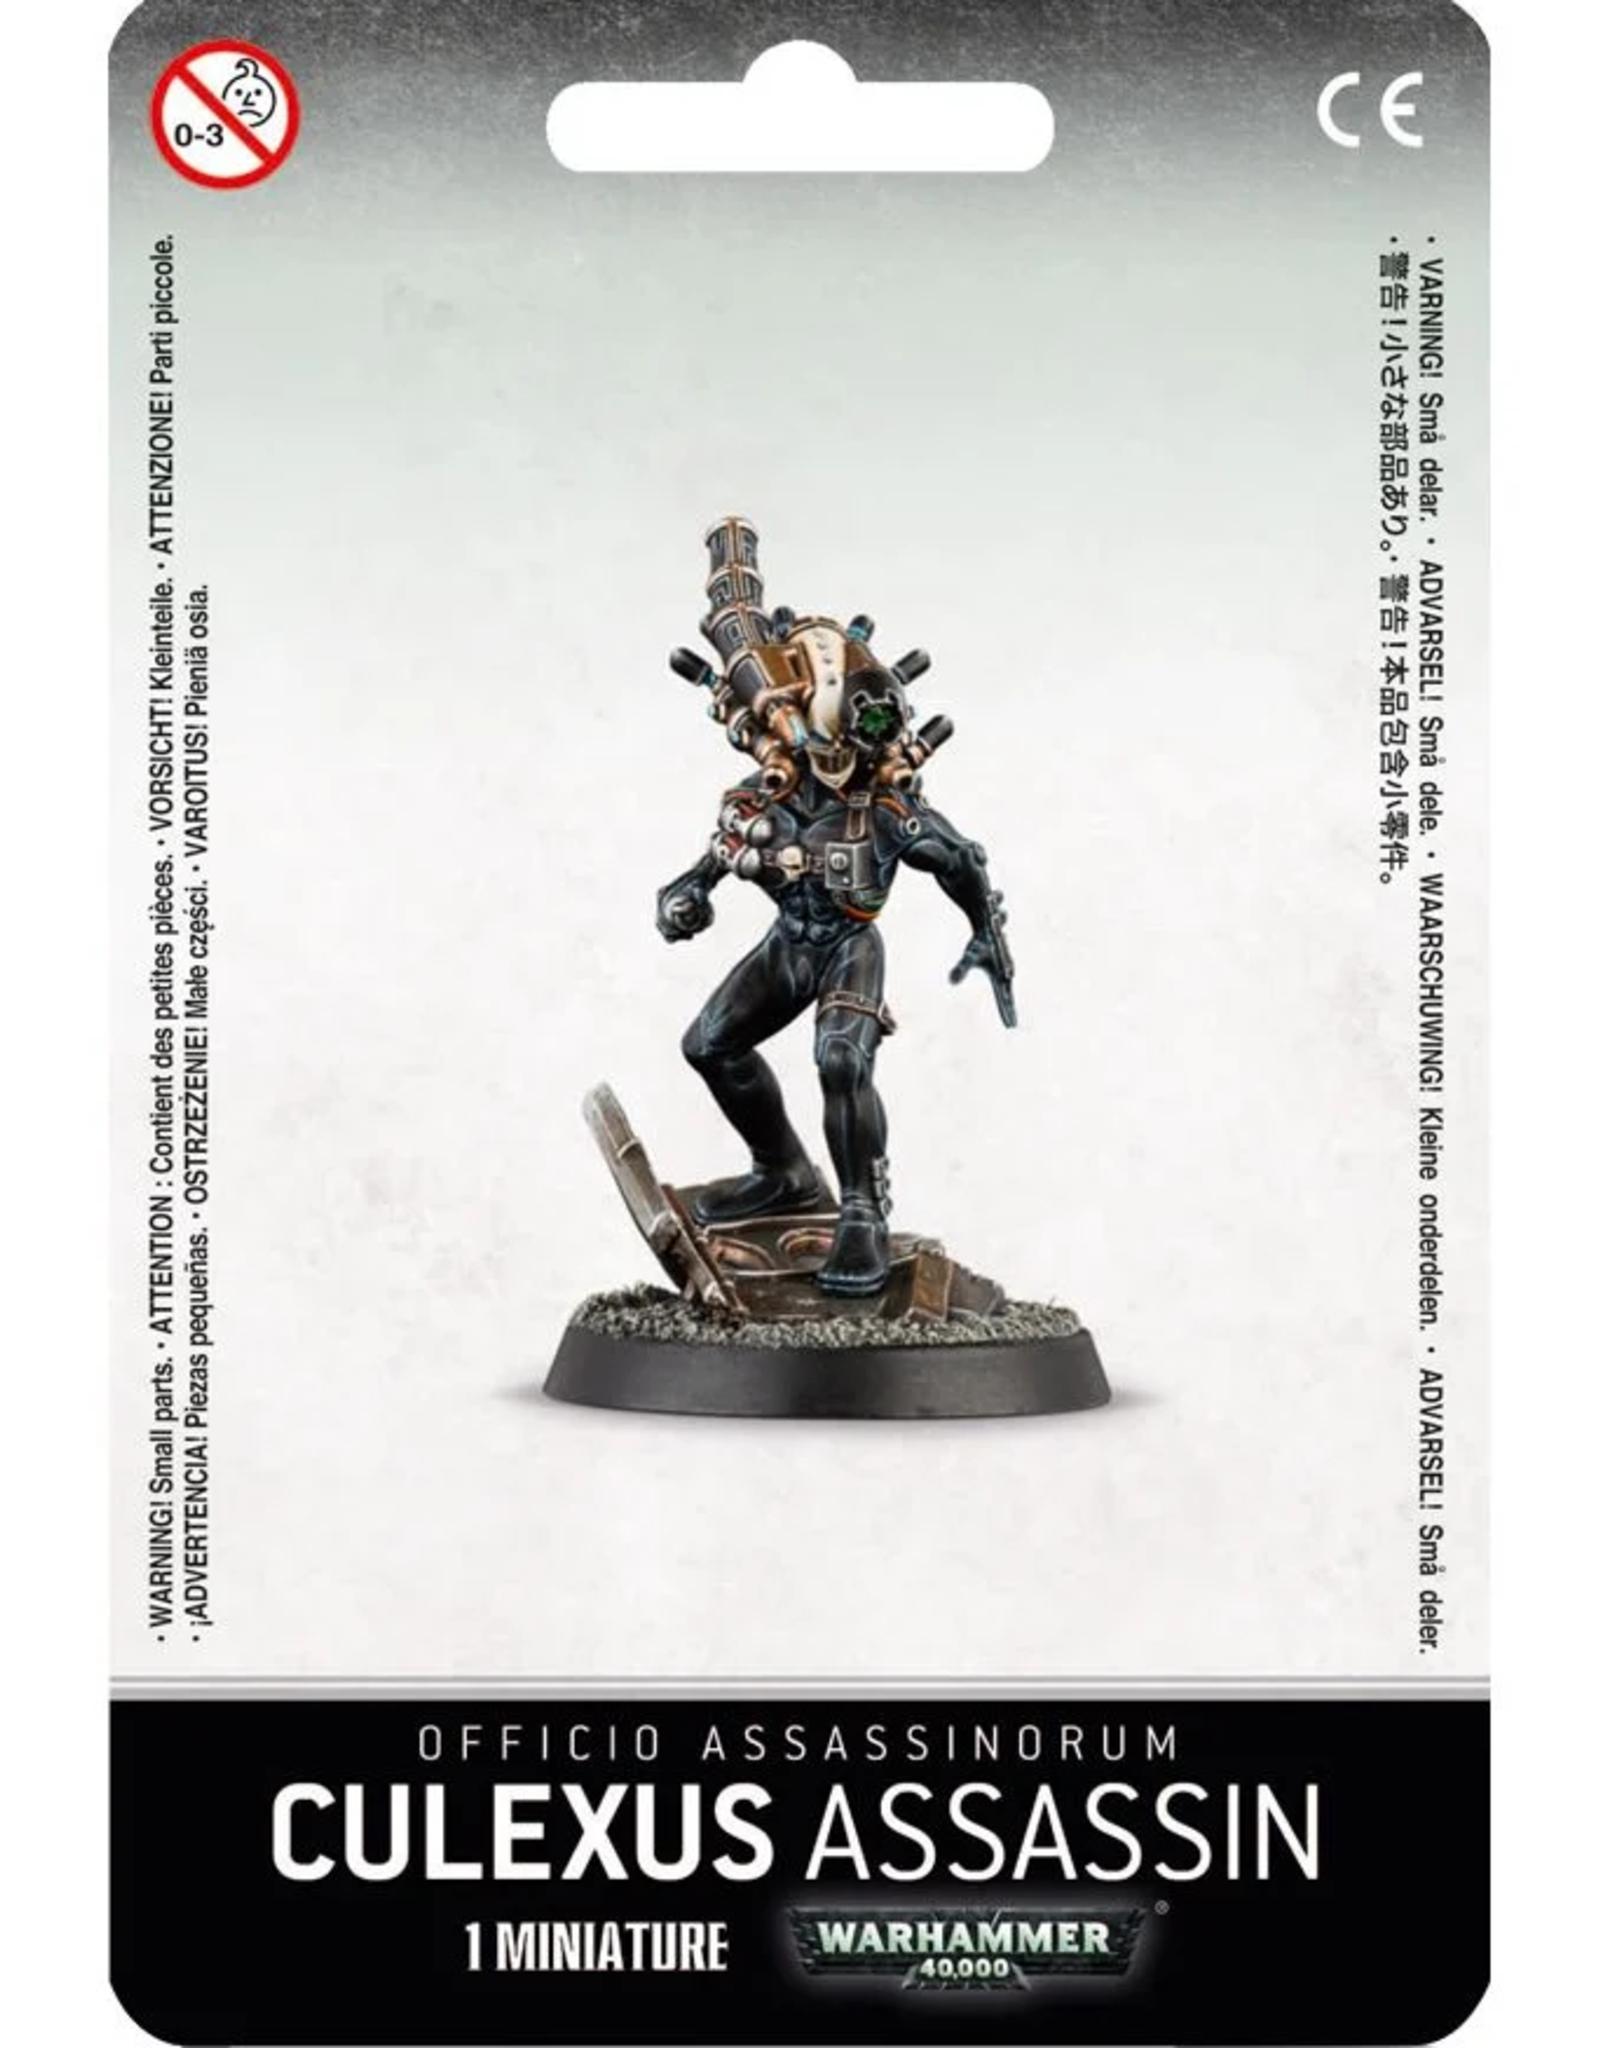 Games Workshop Officio Assassinorum: Culexus Assassin